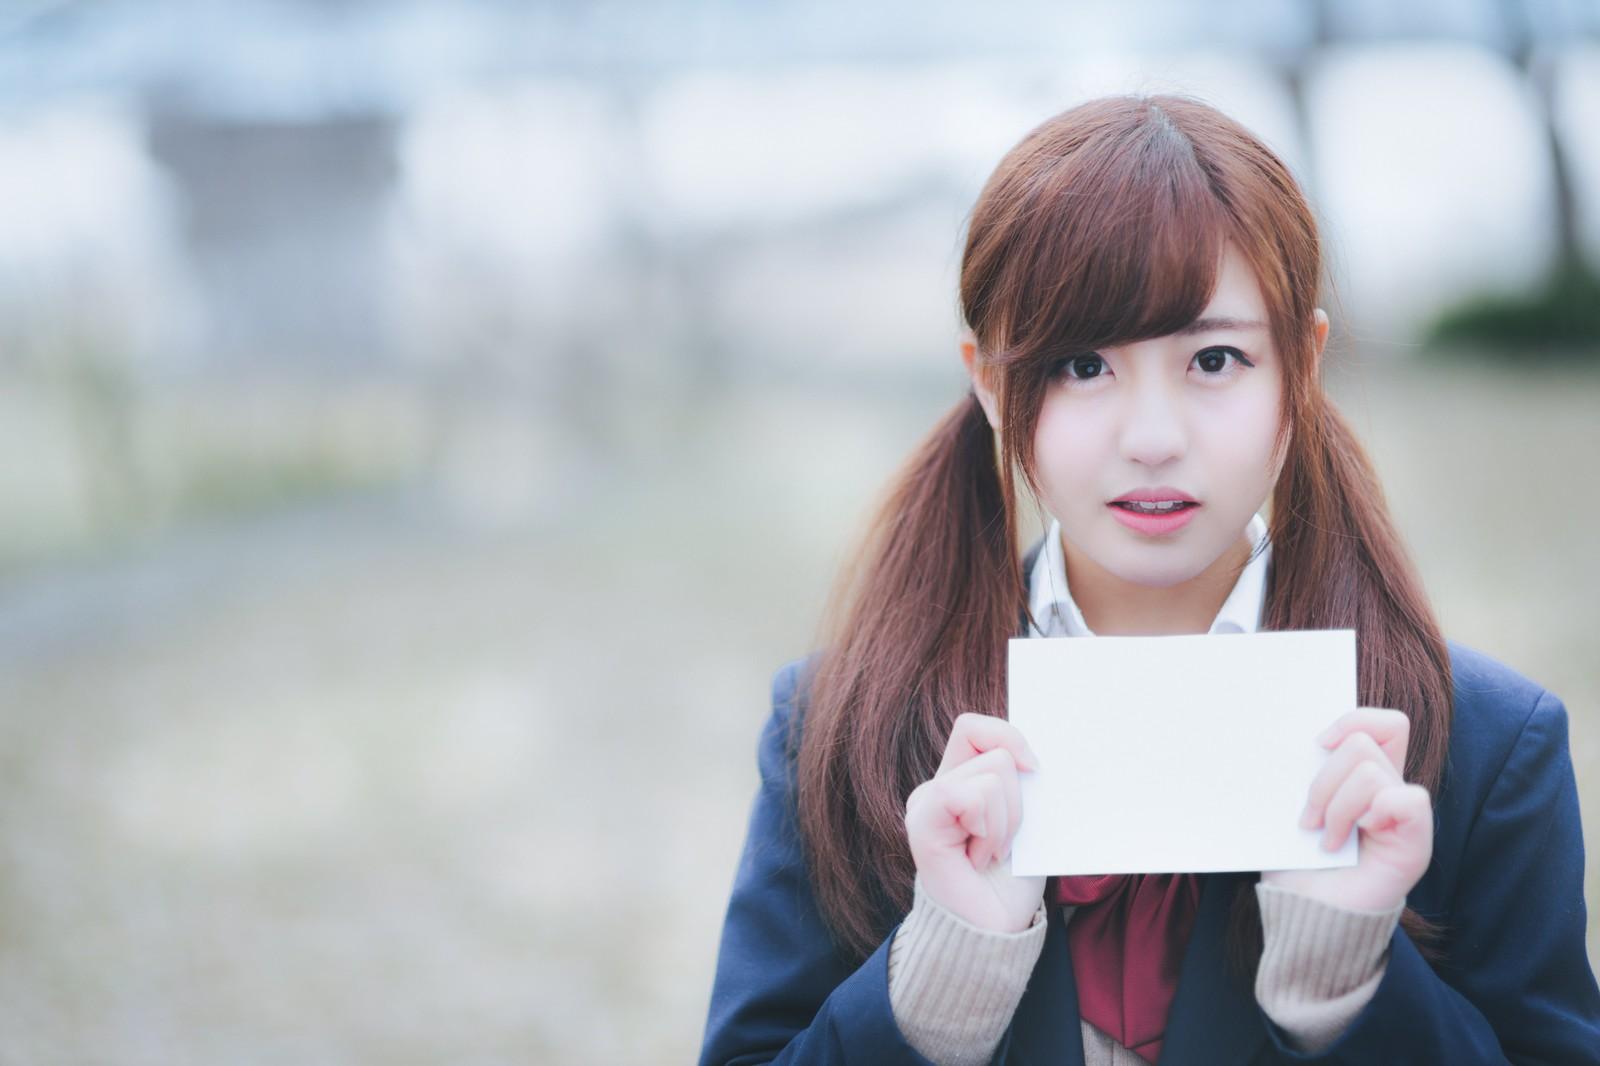 y.kawamura 04.10